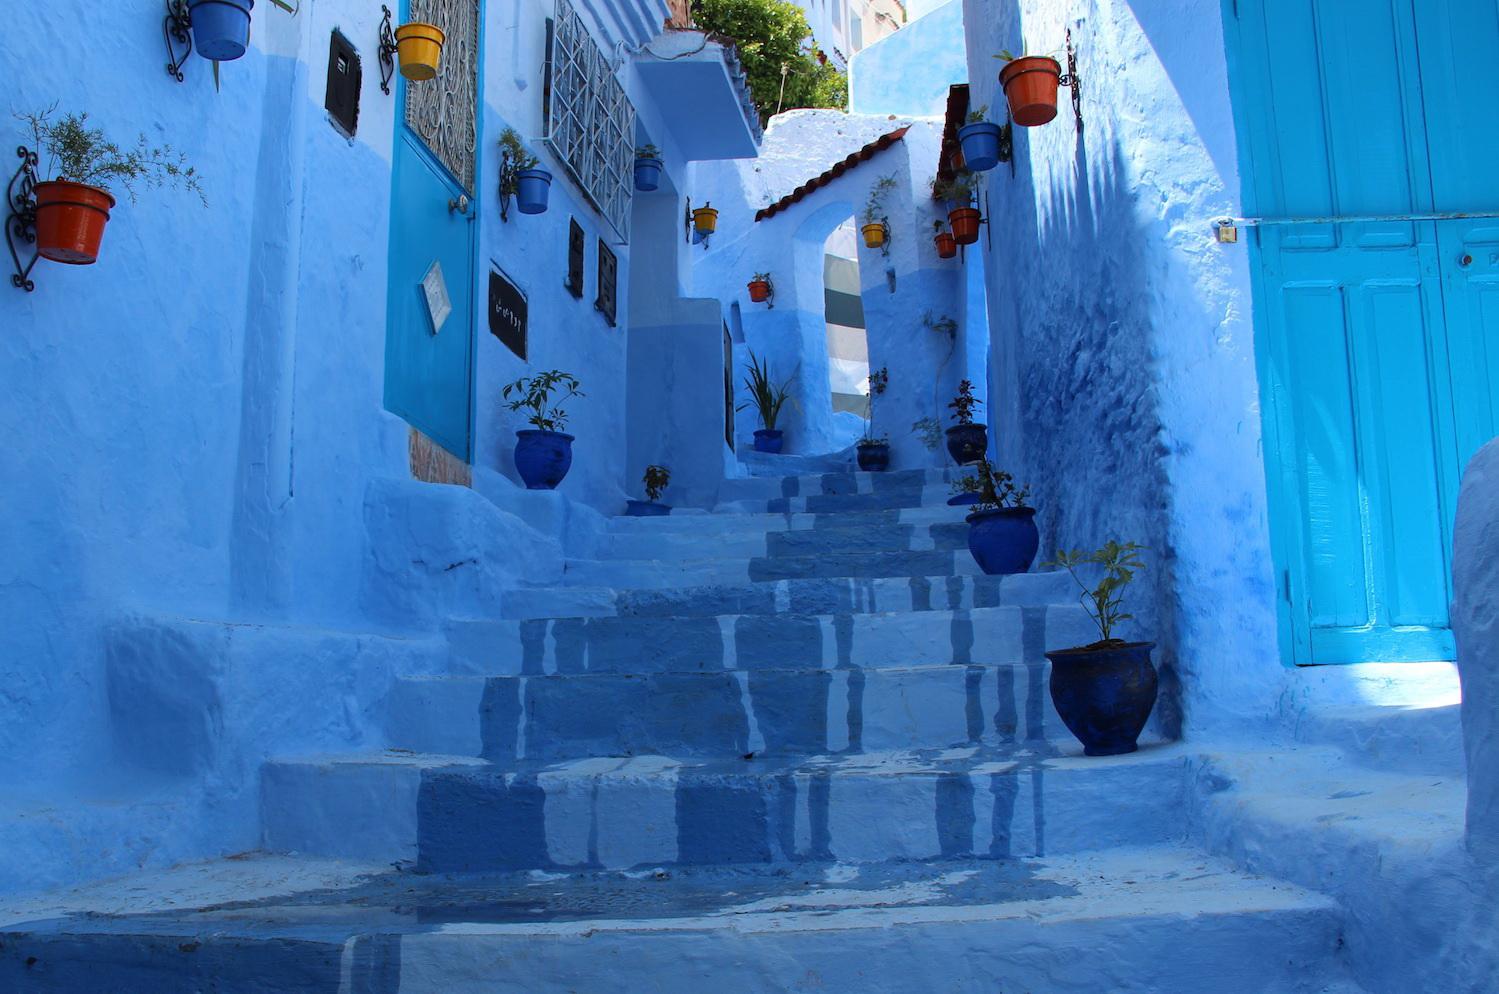 ทางเดินในนครสีฟ้า เชฟชาอูน แห่งโมรอคโค